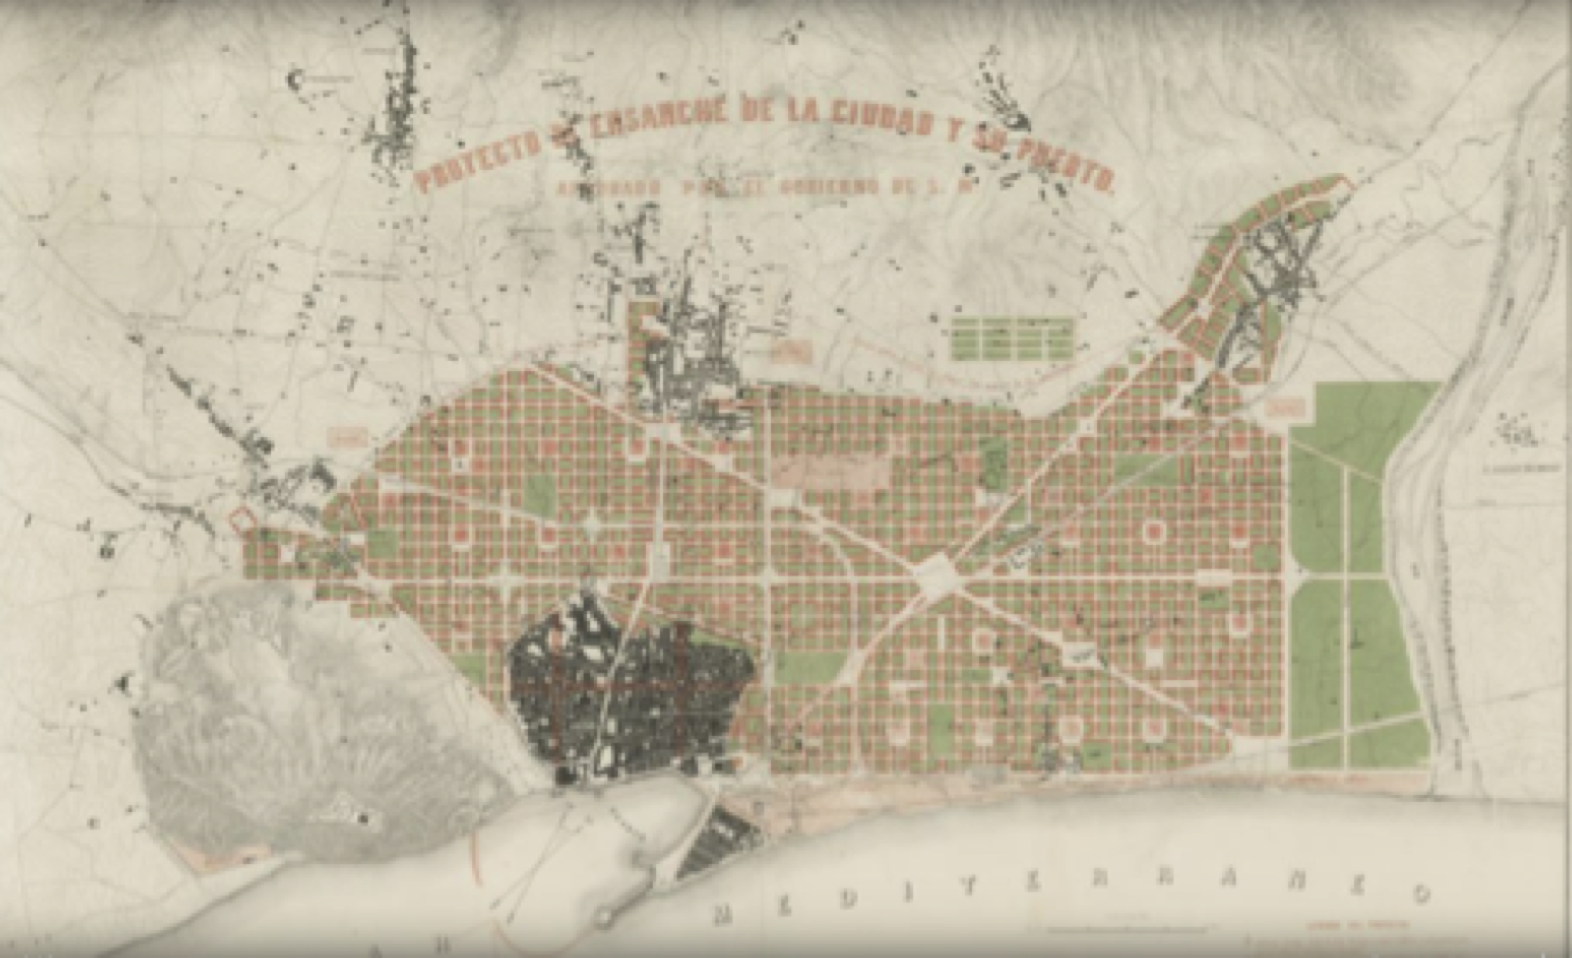 le plan de Cerdá pour Barcelone